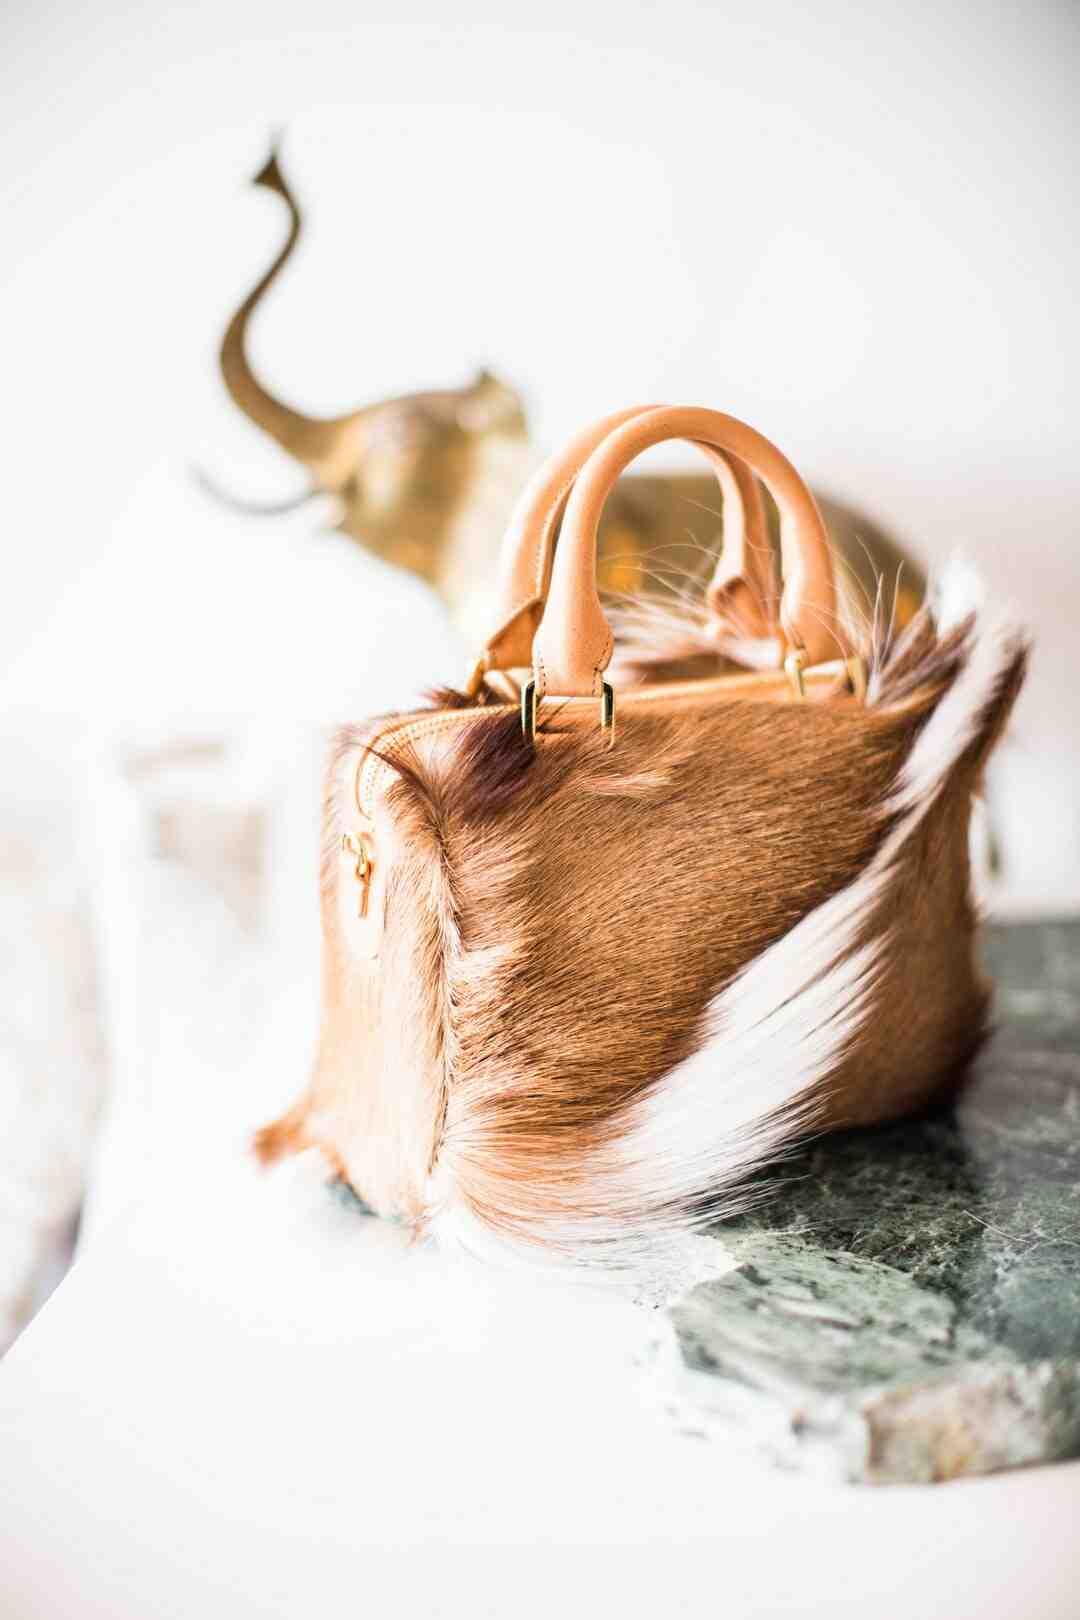 Comment utiliser un sac de frappe